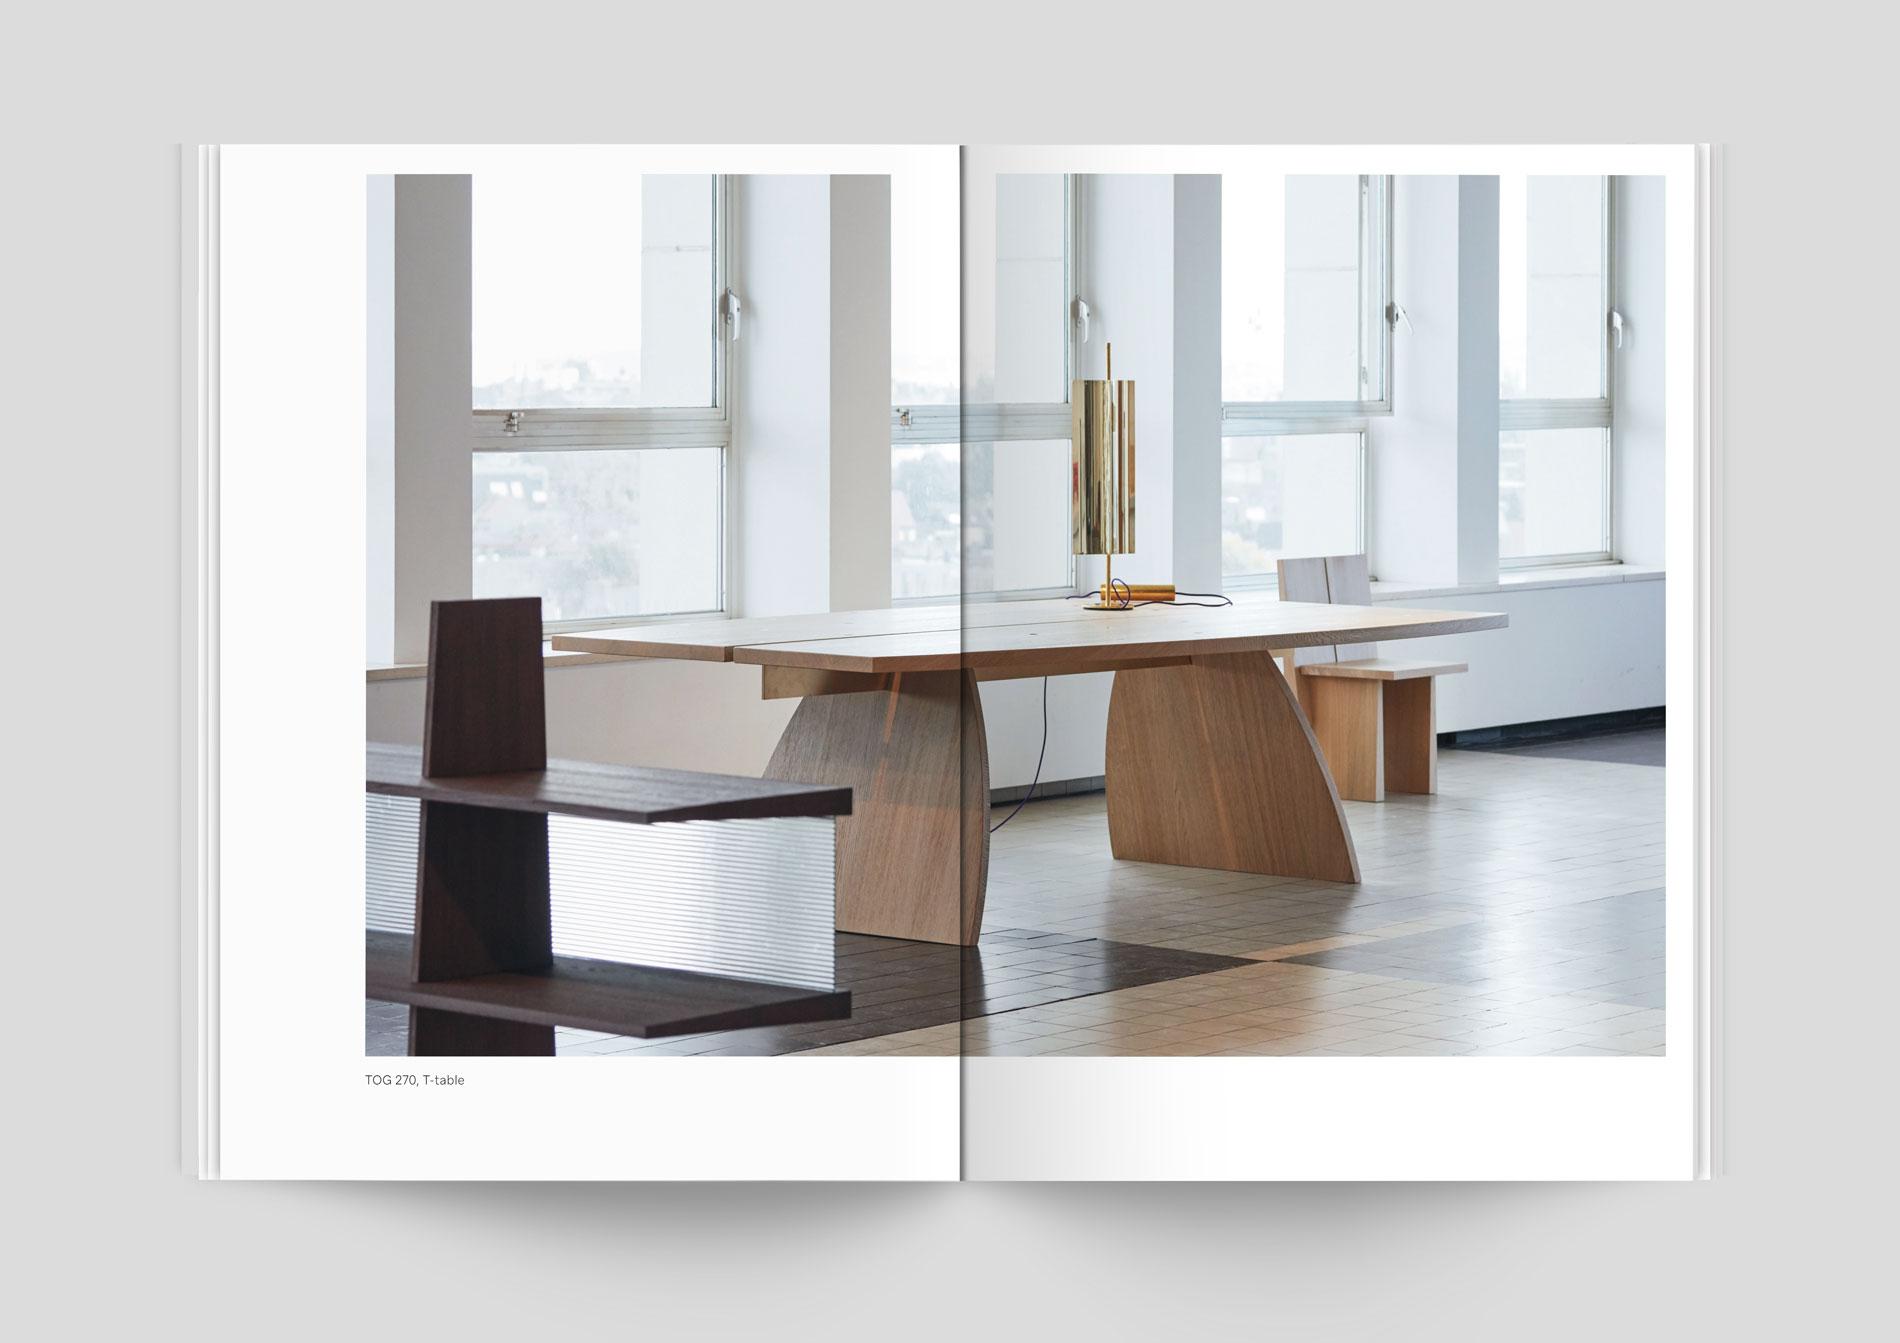 nicoletta-dalfino-van-rossum-antwerp-lookbook-03